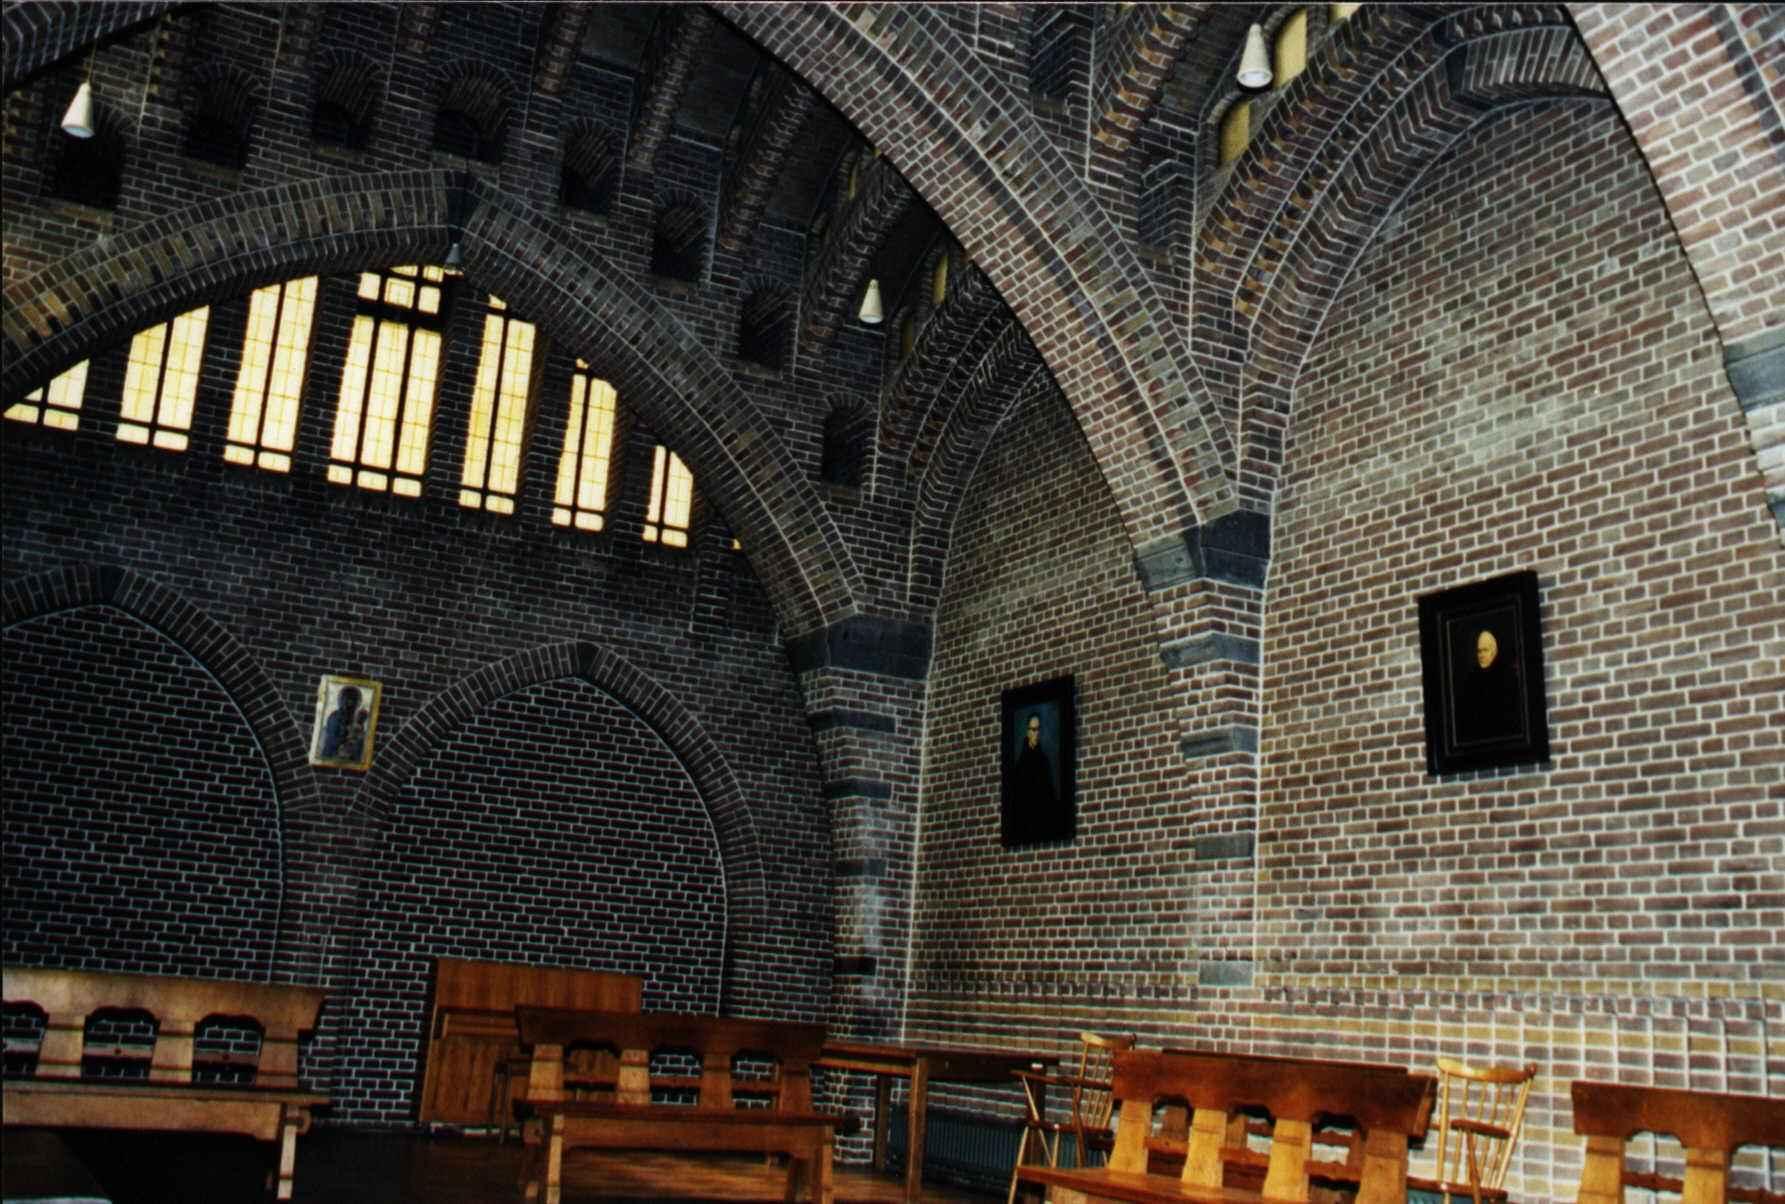 klooster in oosterhout